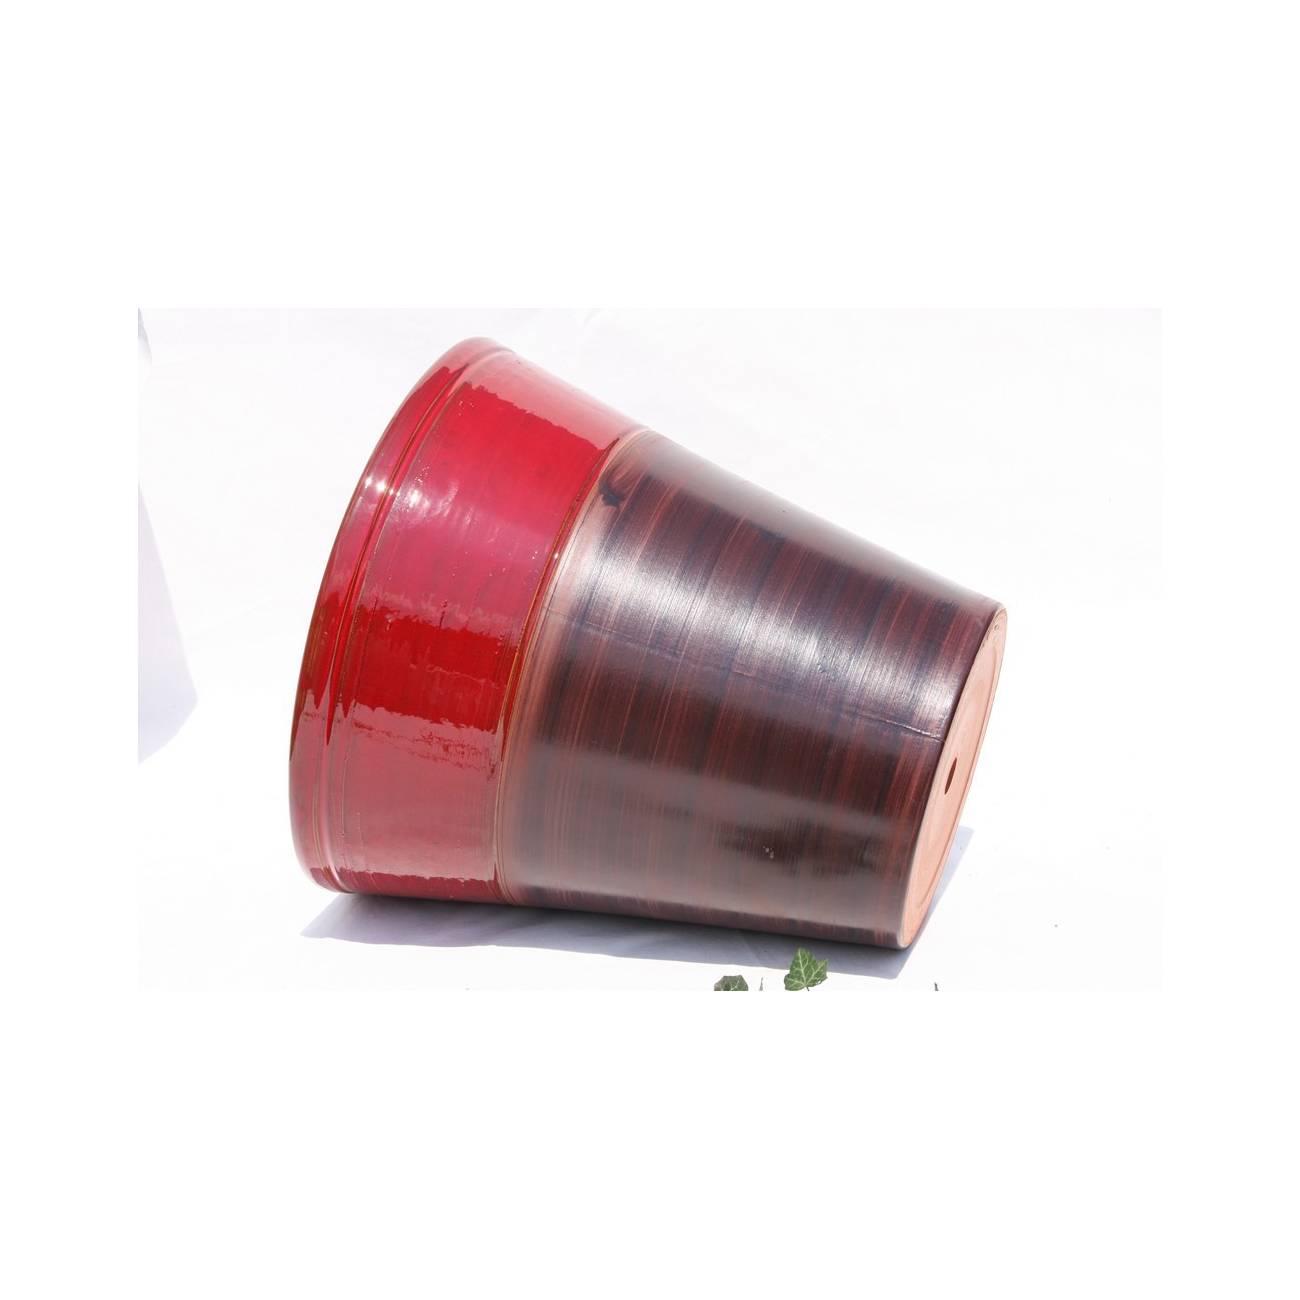 sioux terre d 39 afrique poterie rouge les poteries d 39 albi. Black Bedroom Furniture Sets. Home Design Ideas